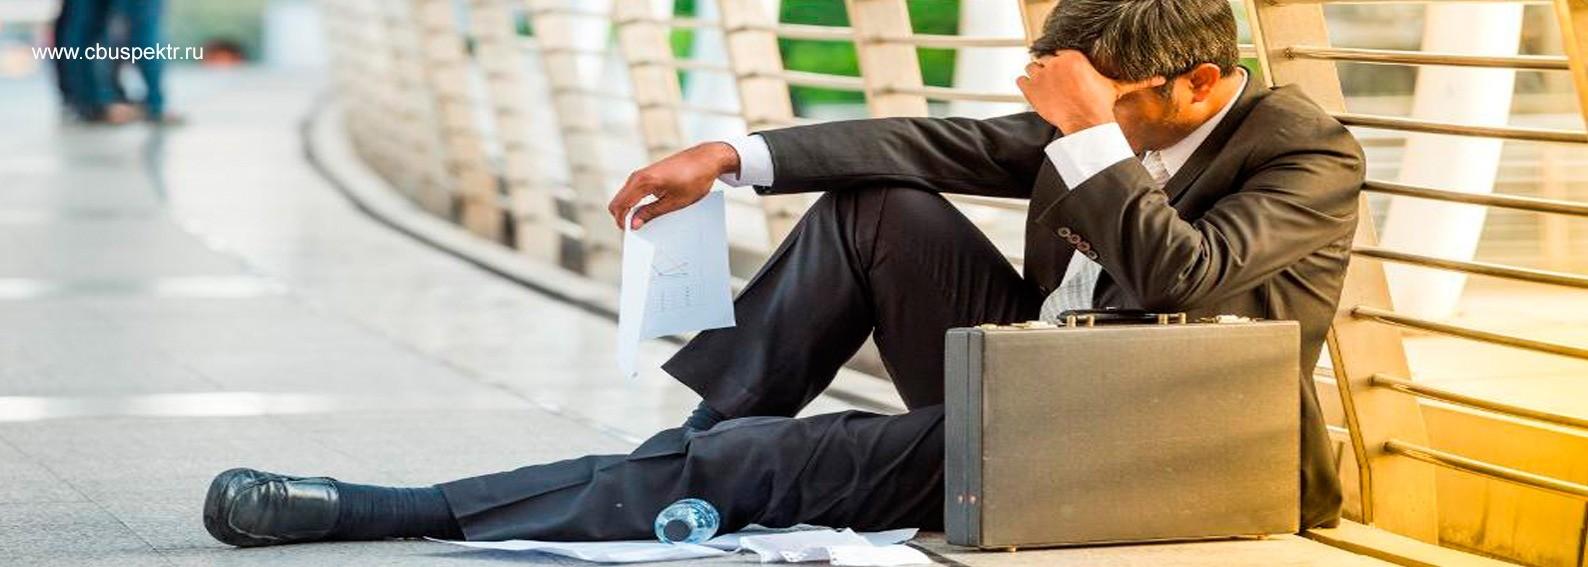 Мужчина сидит на земле уронив бумаги